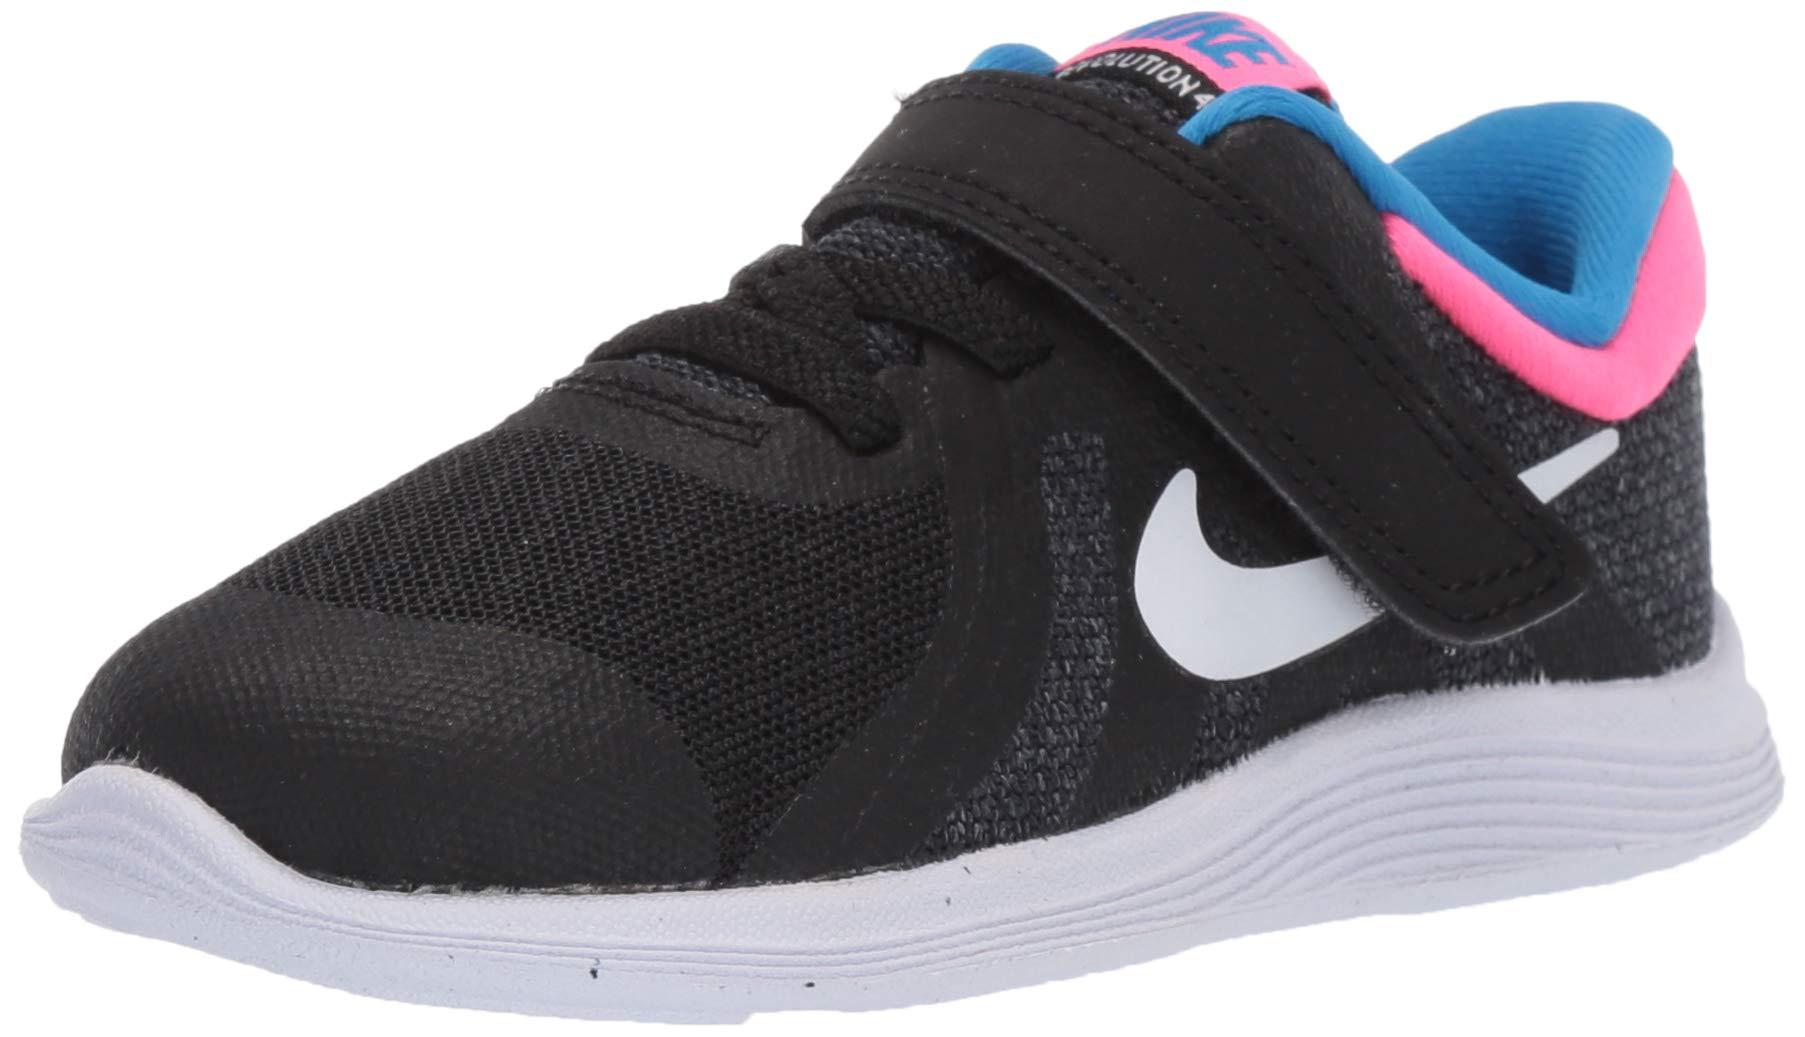 Nike Girls Revolution 4 (TDV) Sneaker, Black/White - Anthracite - Hyper Punch, 9C Toddler US Toddler by Nike